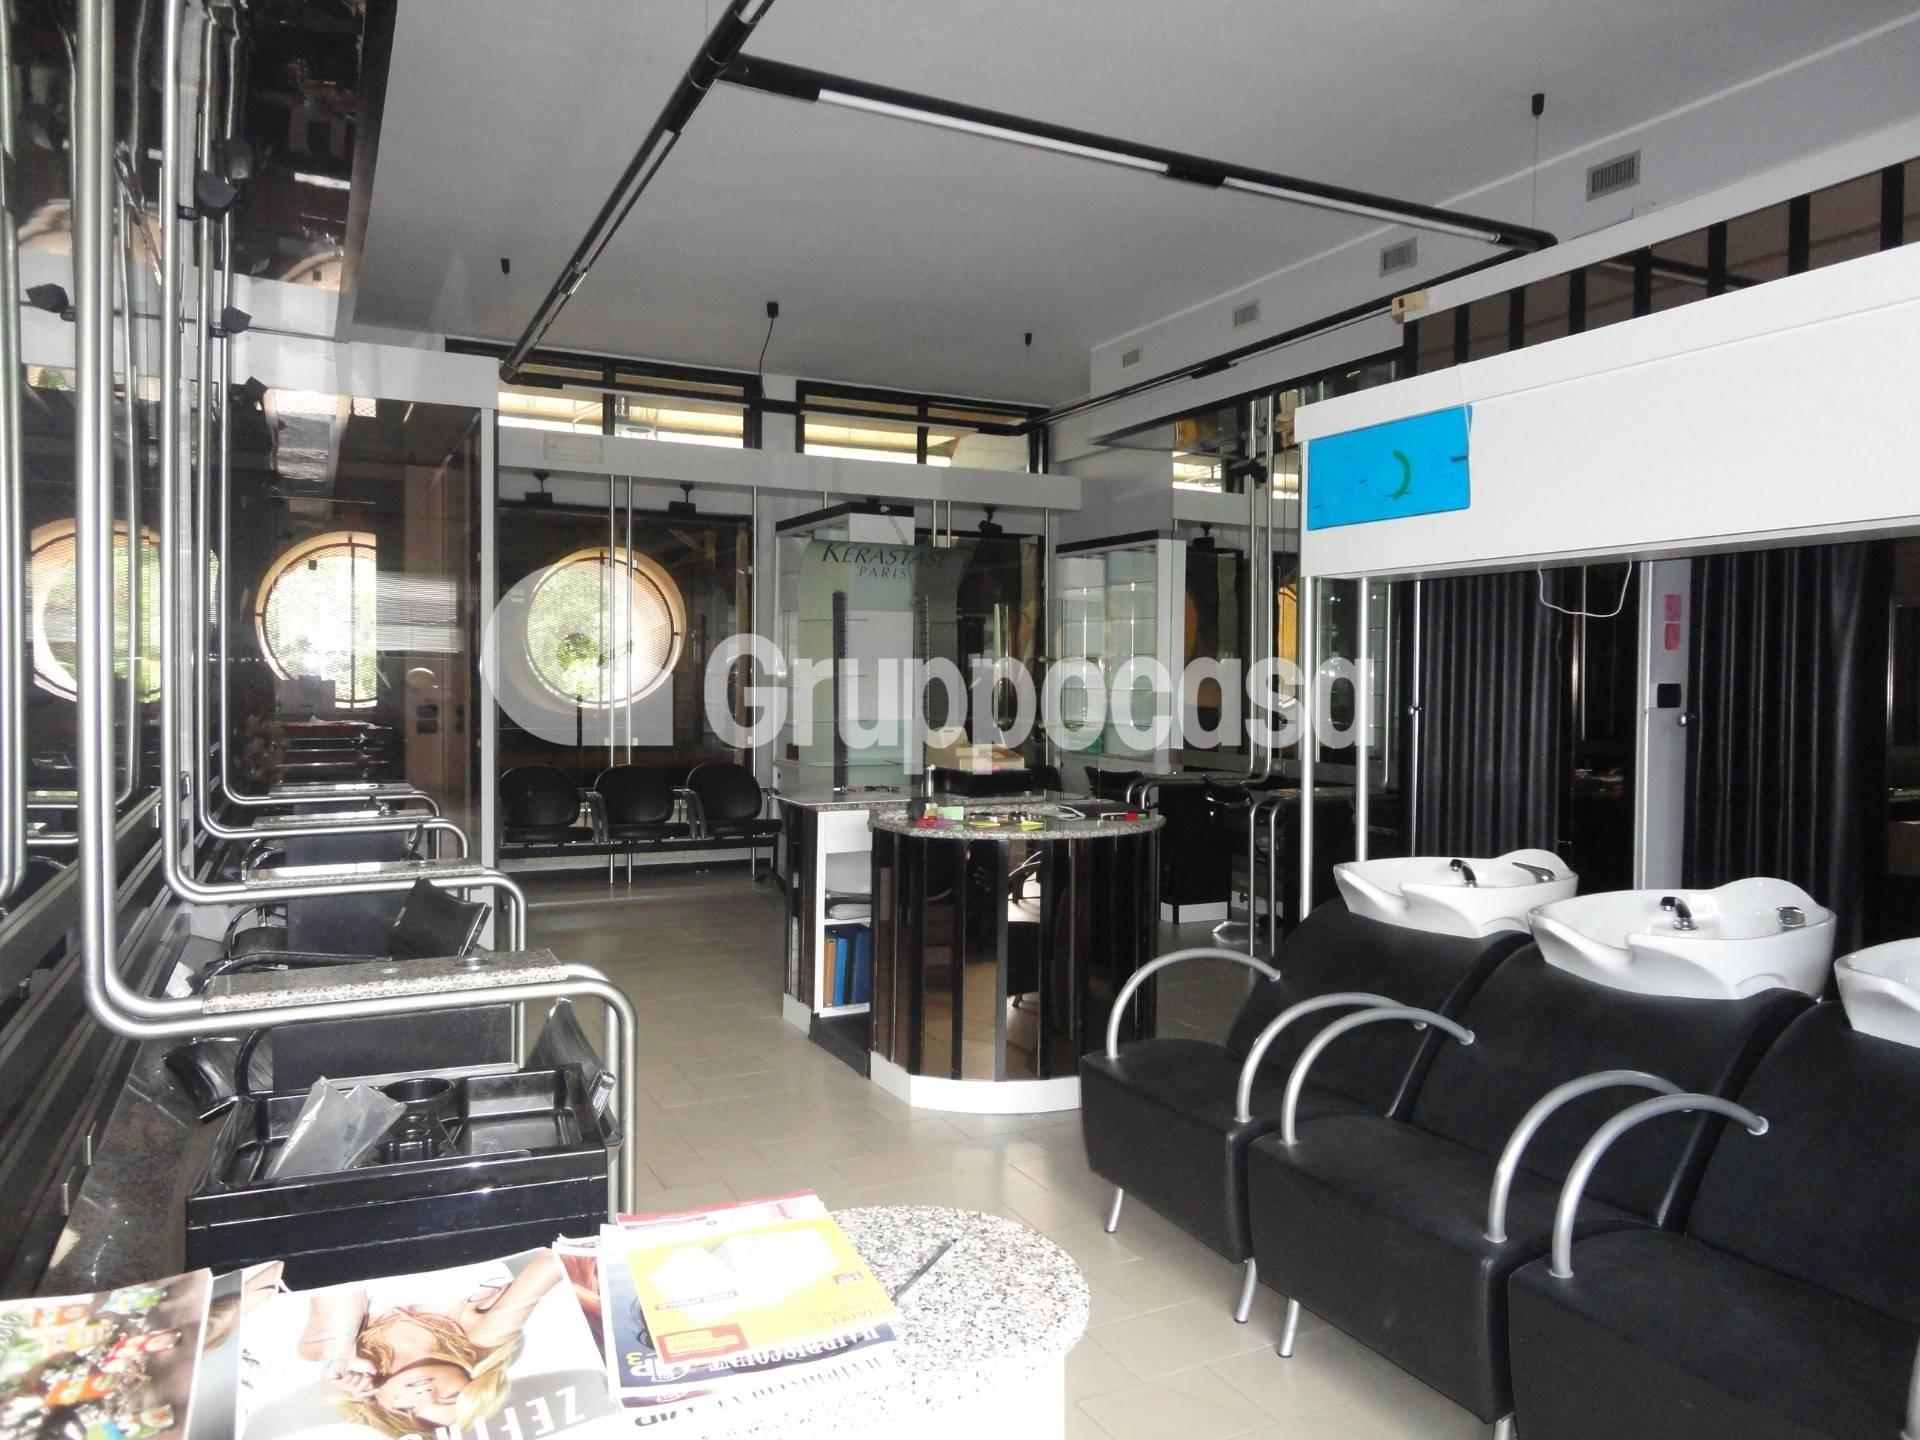 Negozio / Locale in vendita a Arese, 9999 locali, prezzo € 60.000 | CambioCasa.it